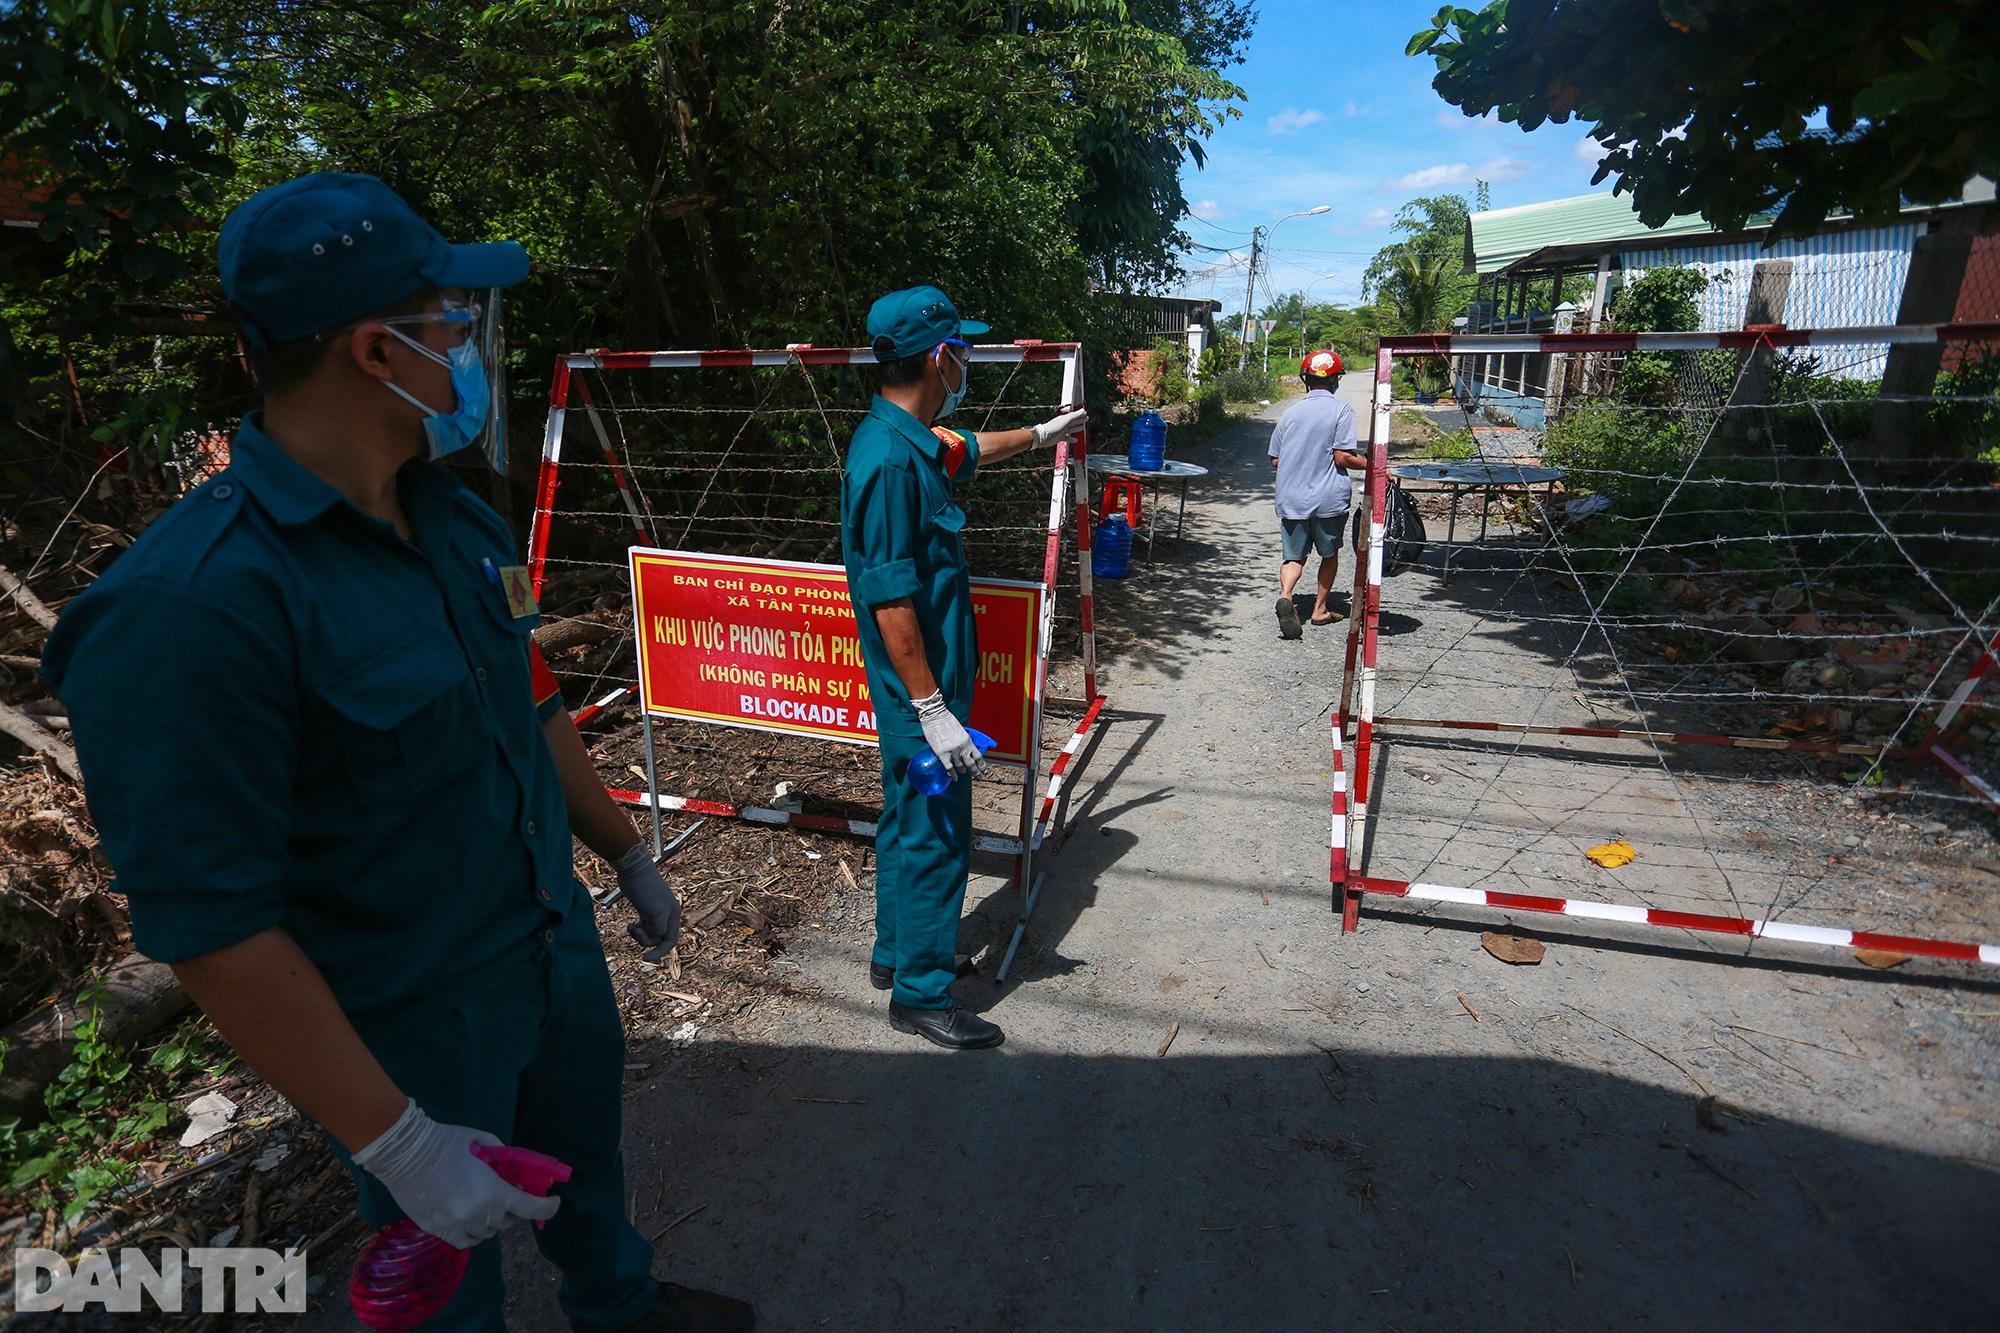 Phong tỏa ổ dịch có 16 ca nhiễm SARS-CoV-2 trong khu hơn 1.000 dân ở Củ Chi - 2